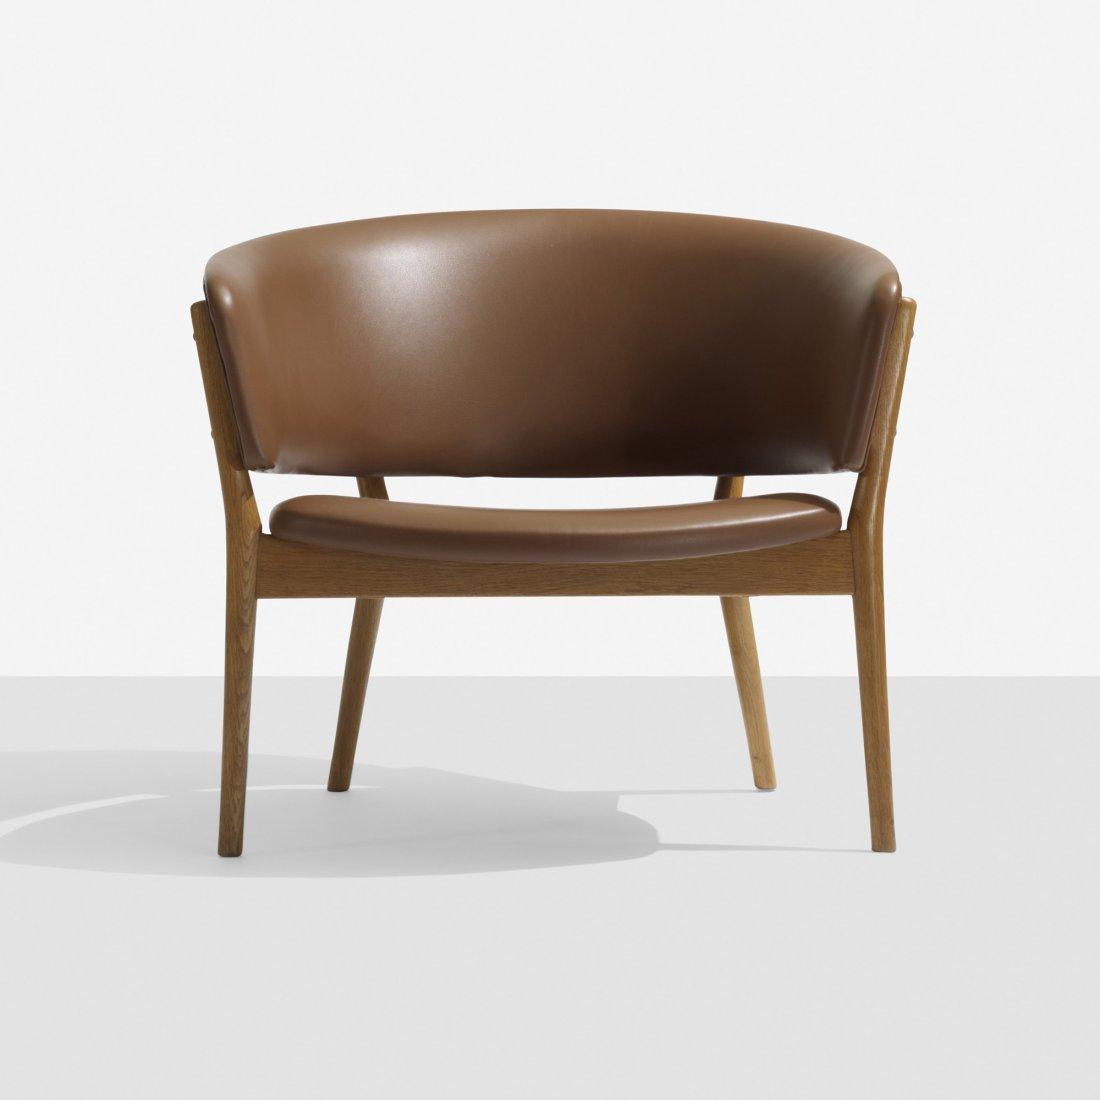 101: Nanna and Jørgen Ditzel lounge chair